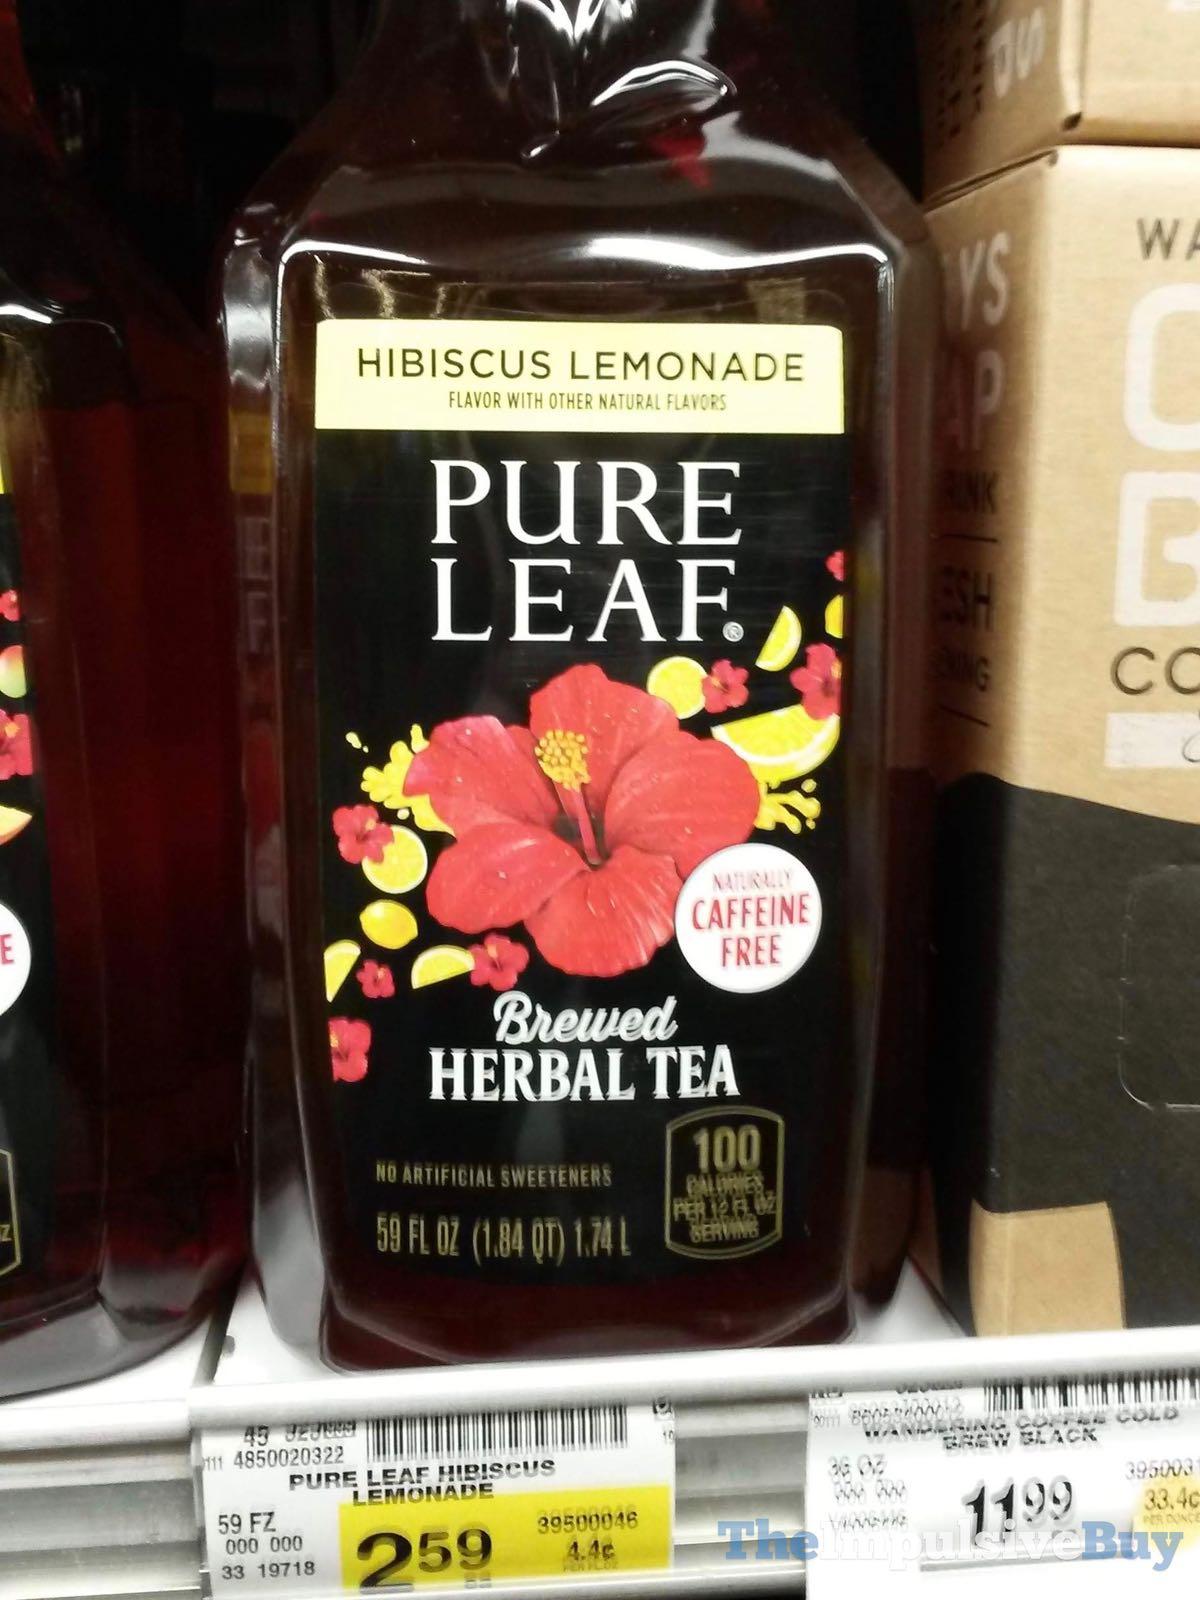 Pure Leaf Hibiscus Lemonade Brewed Herbal Teajpg The Impulsive Buy